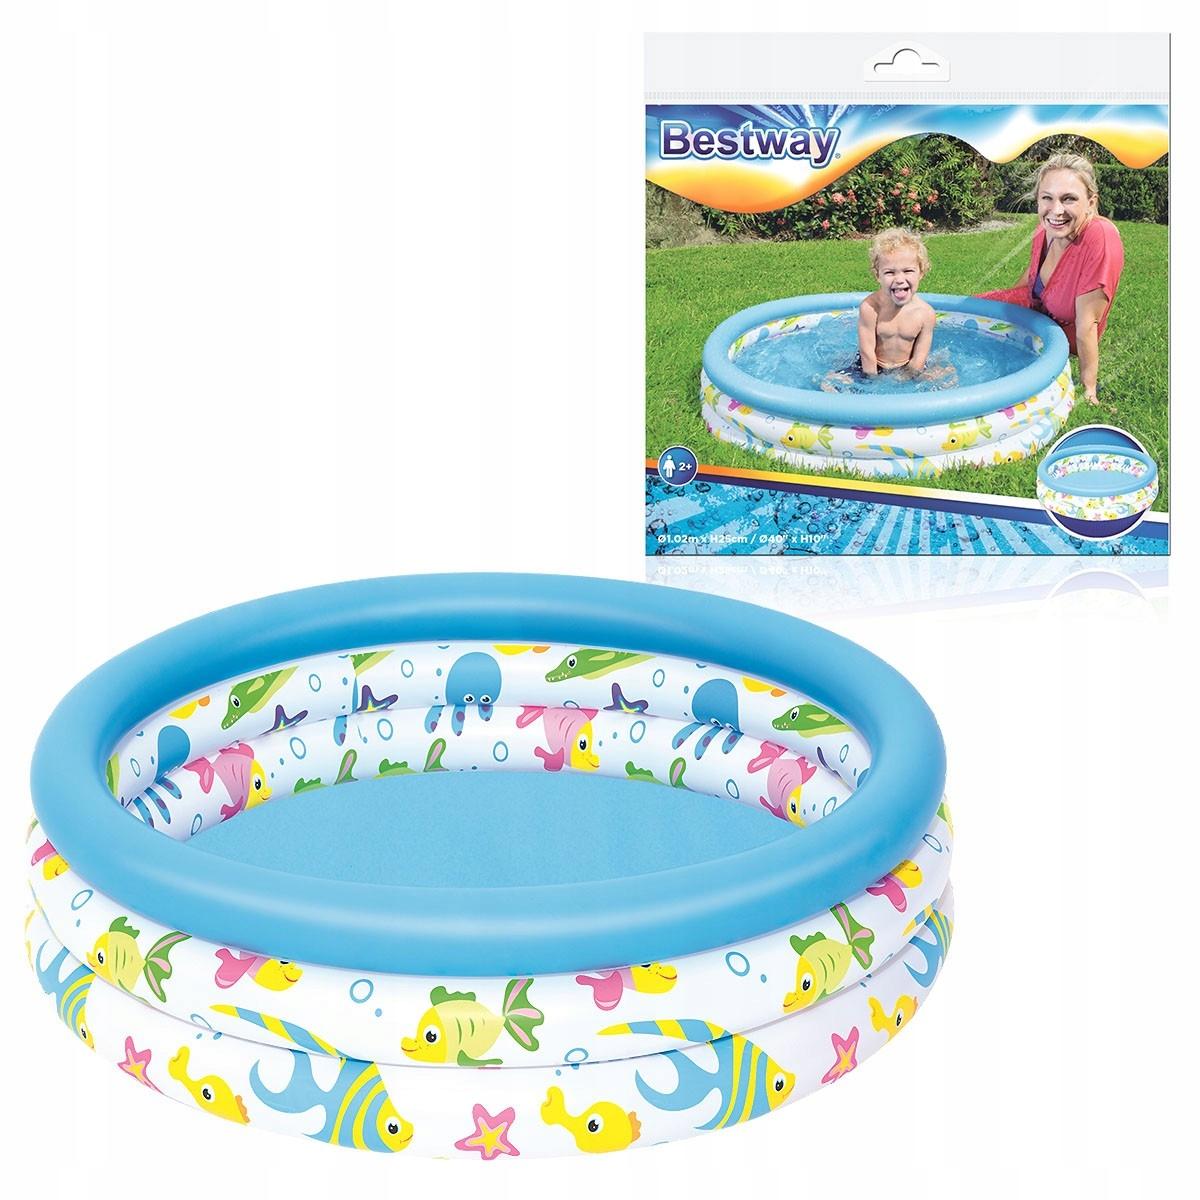 Бассейн надувной 102x25cm - BESTWAY БАССЕЙН детский бассейн